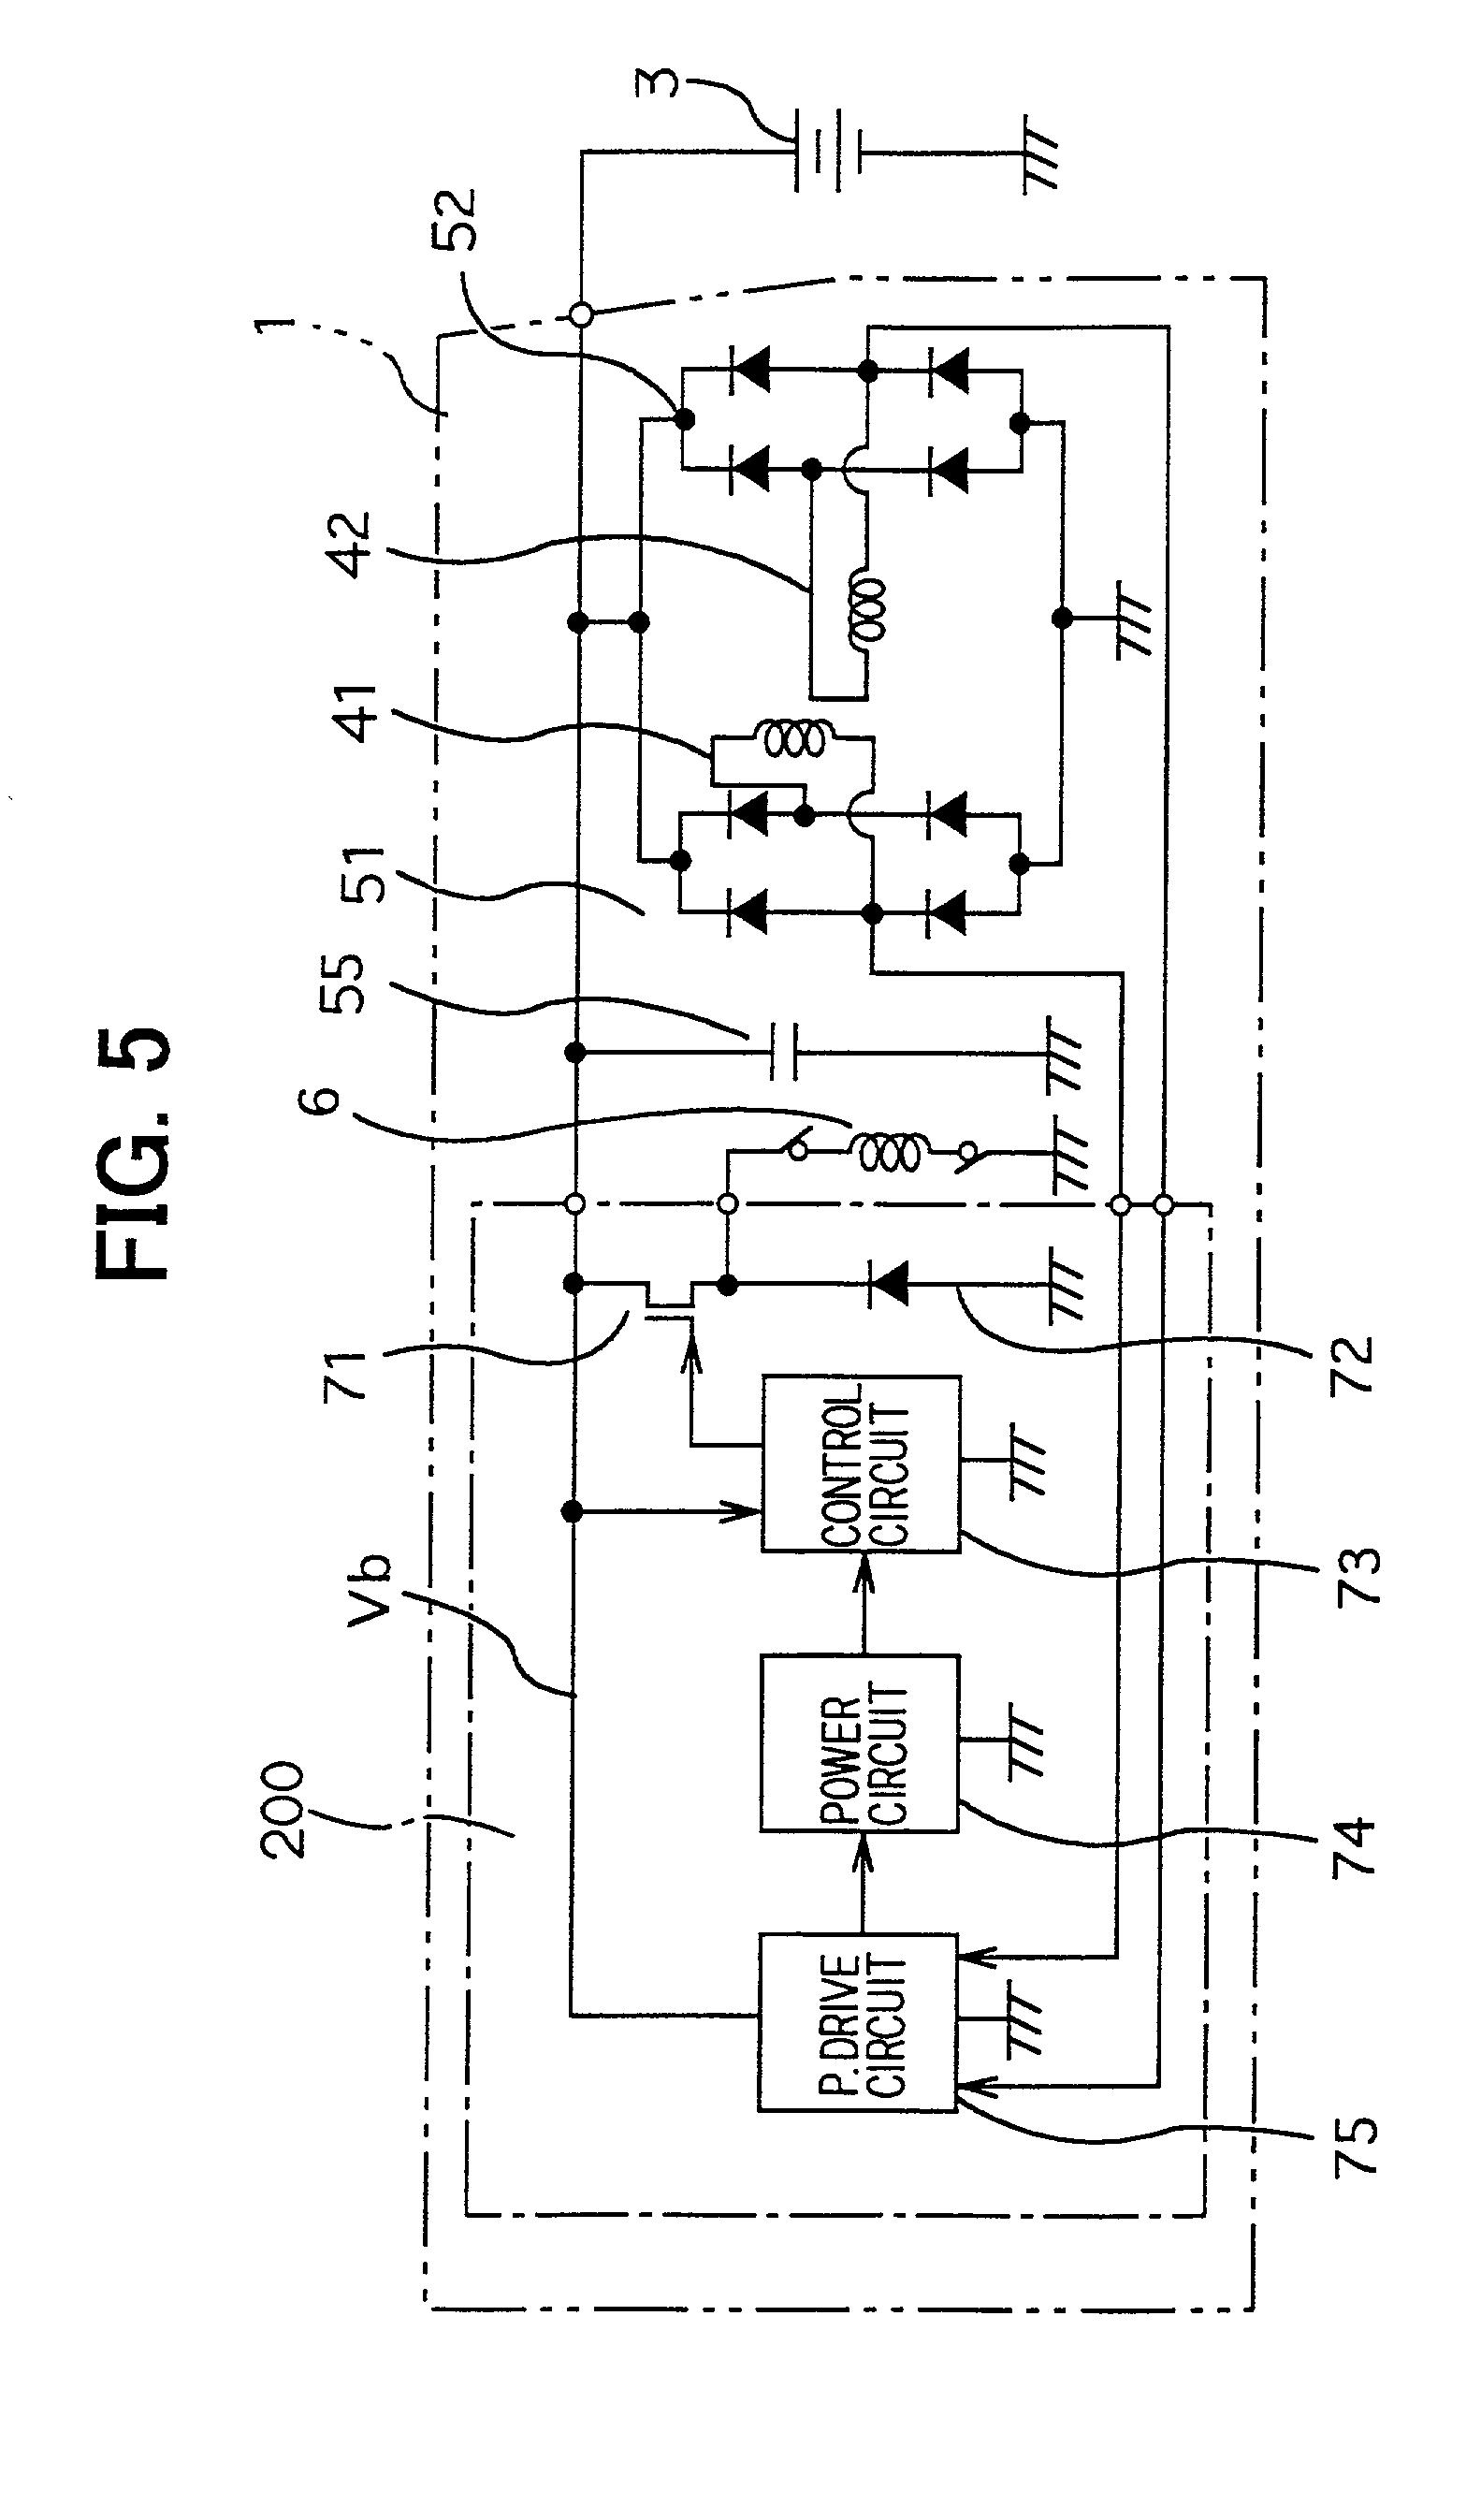 Denso 3 Wire Alternator Wiring Diagram